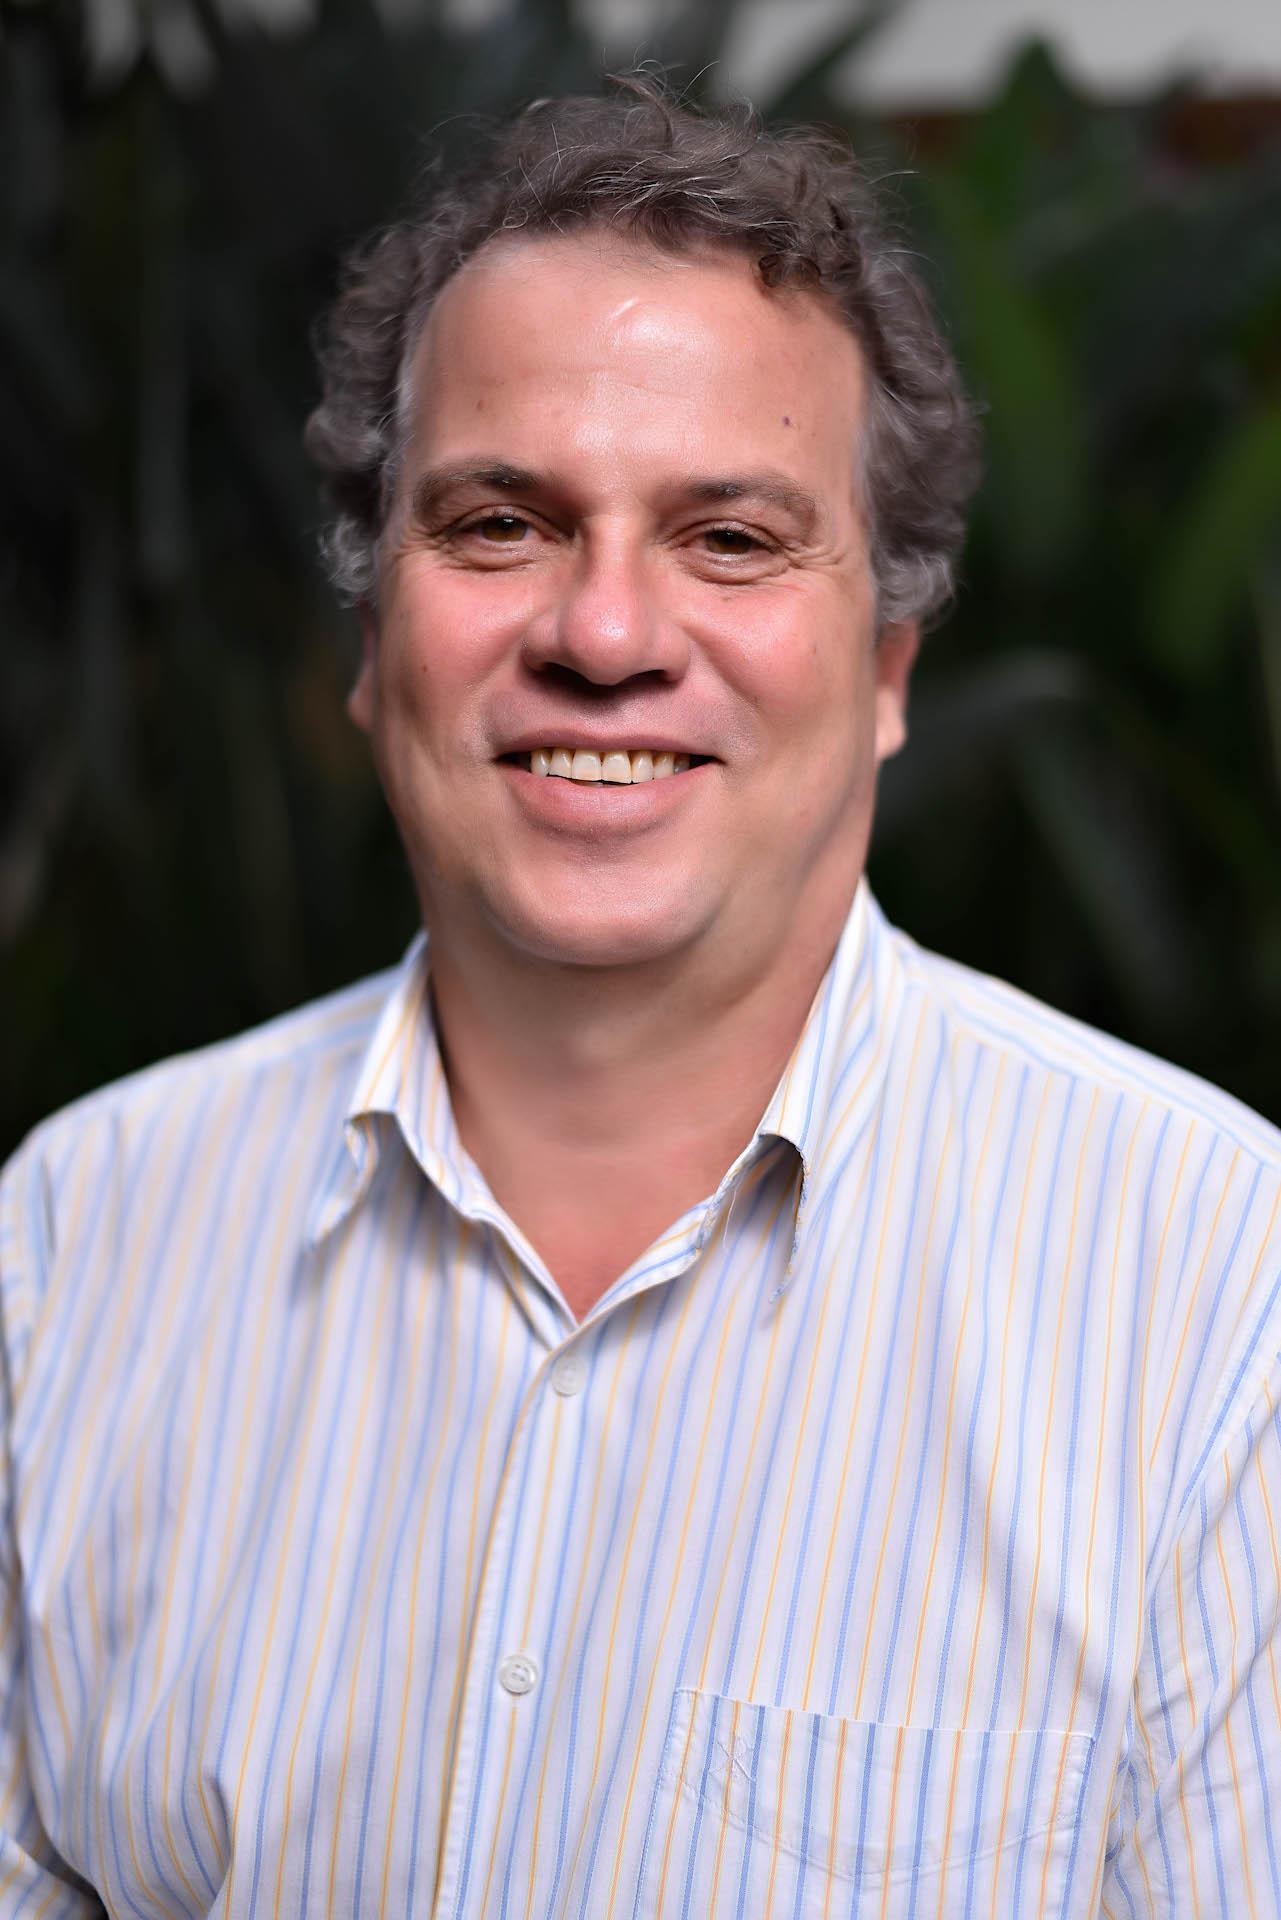 Andrew Miccolis, lead author